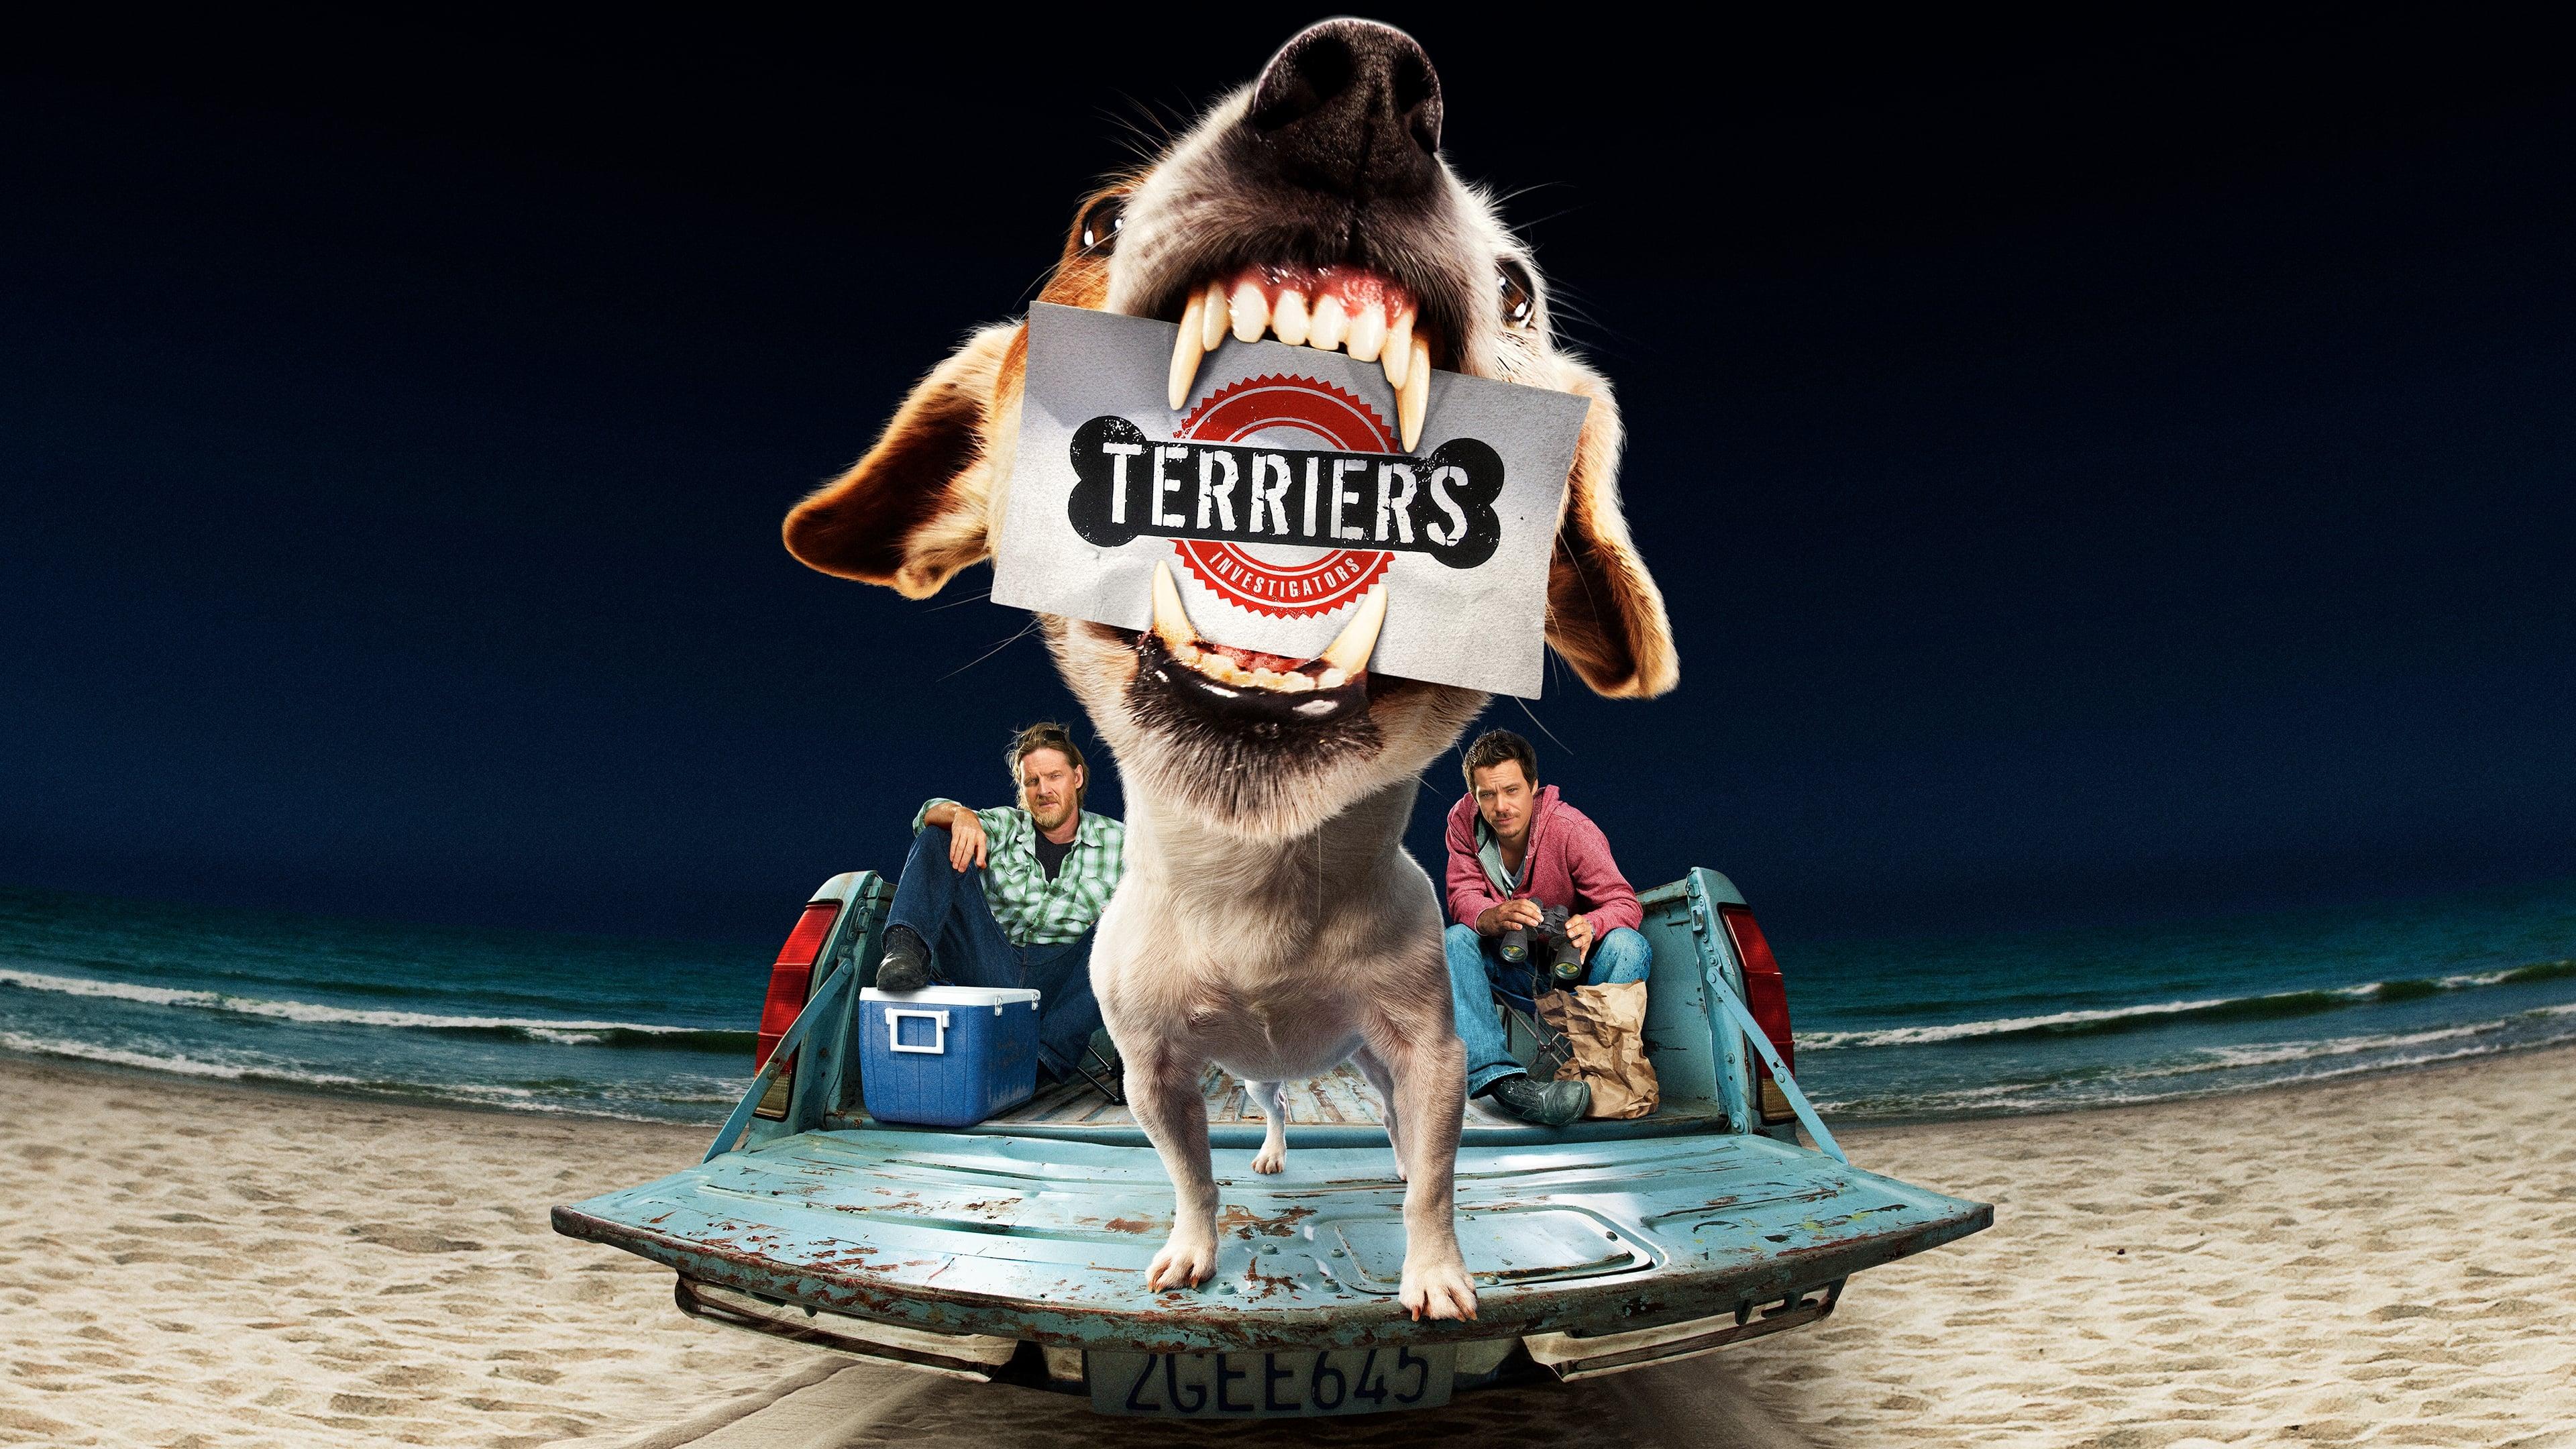 Terriers, briljant maar gecanceld